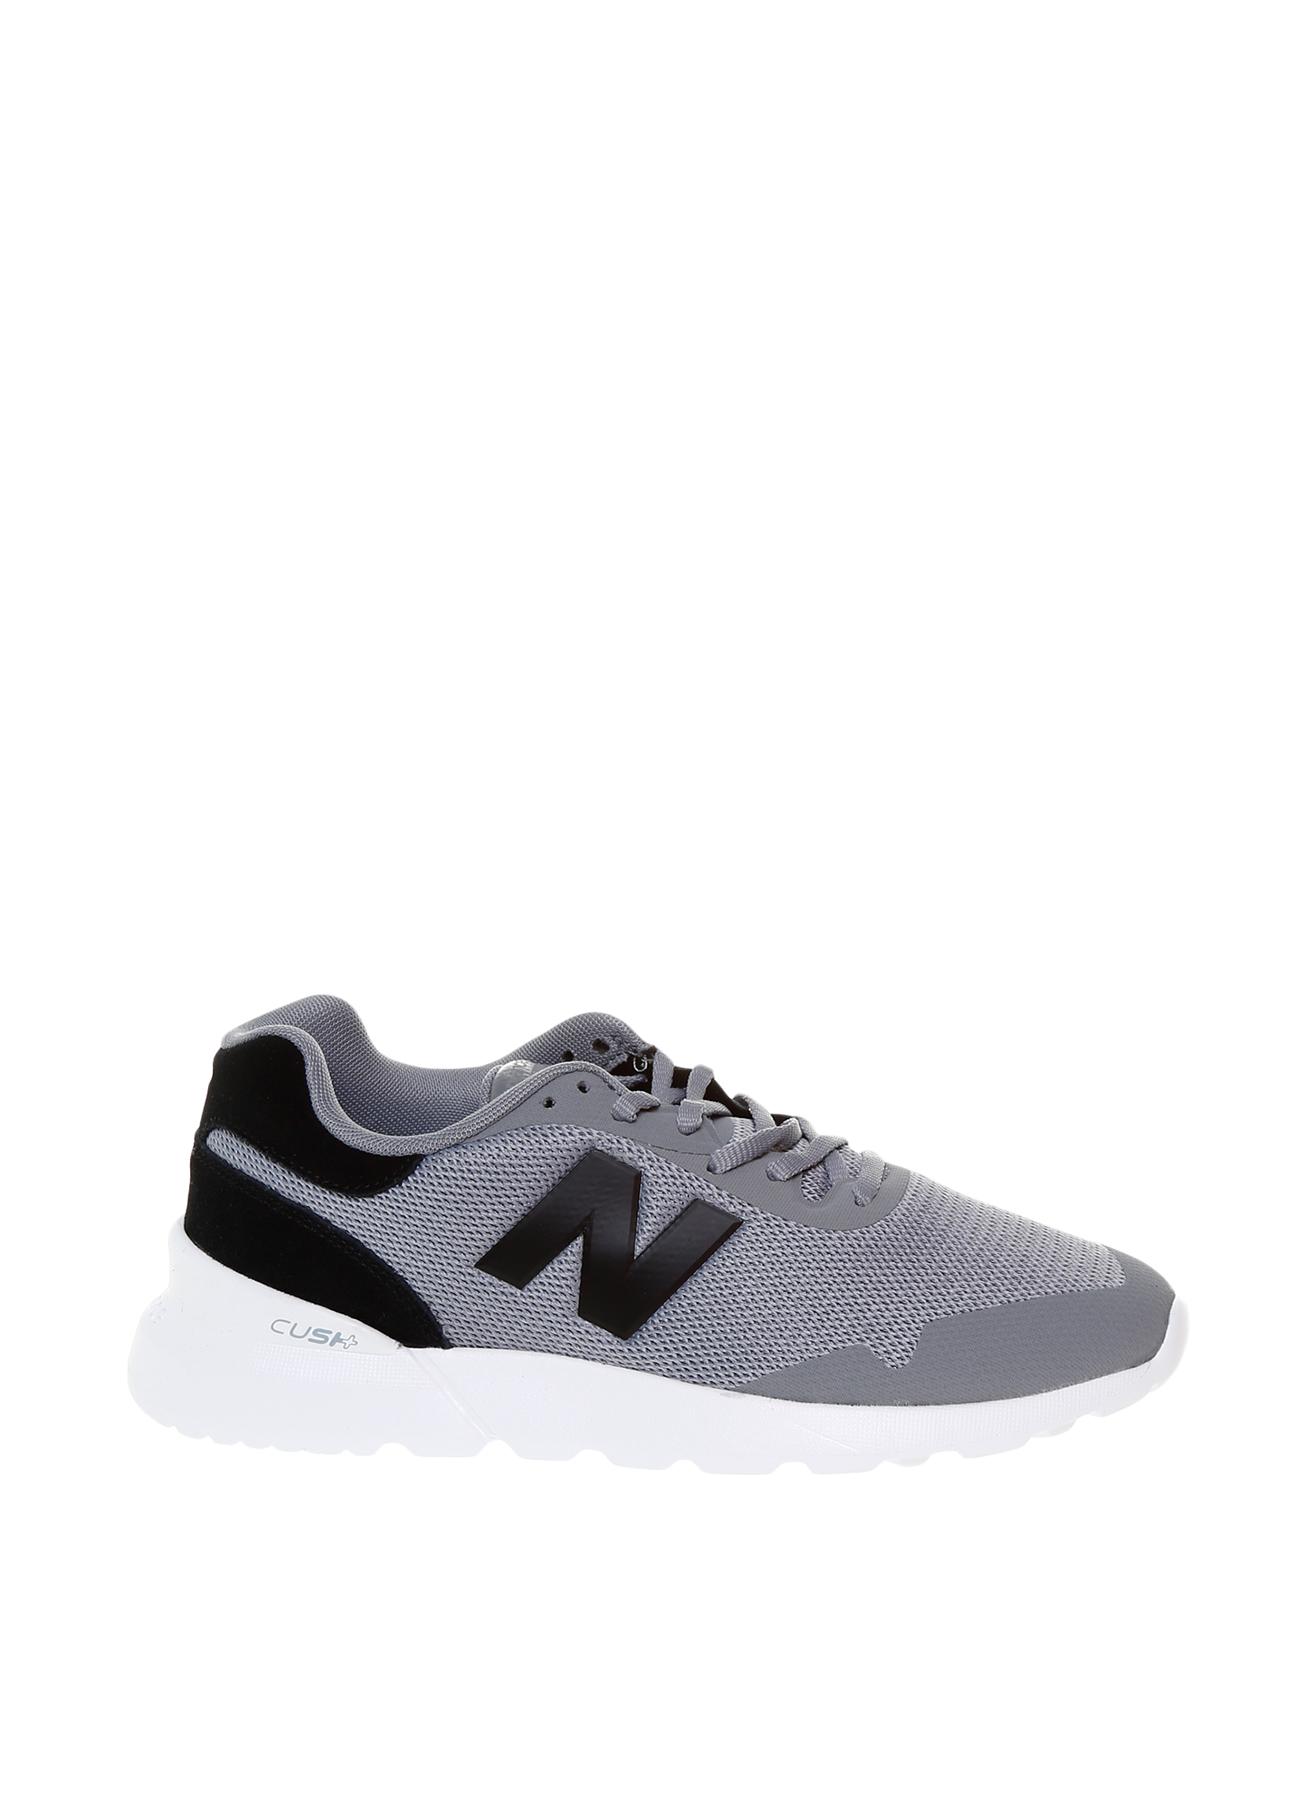 New Balance Günlük Ayakkabı 40 5002319444001 Ürün Resmi